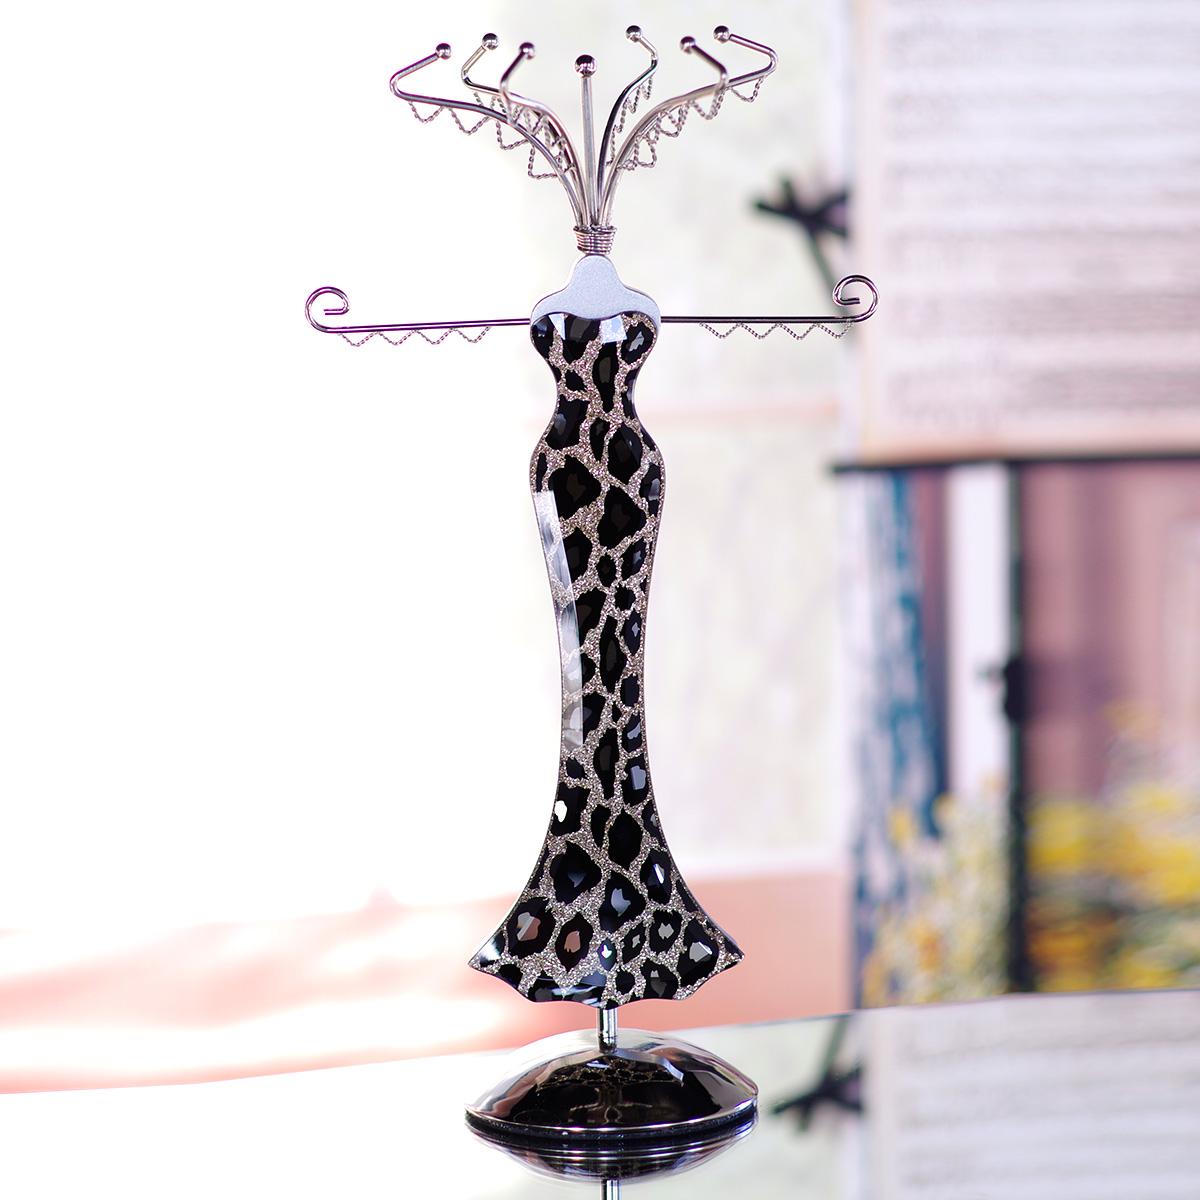 首饰架公主创意欧式珠宝饰品展示架复古项链架耳环架摆件包邮礼物